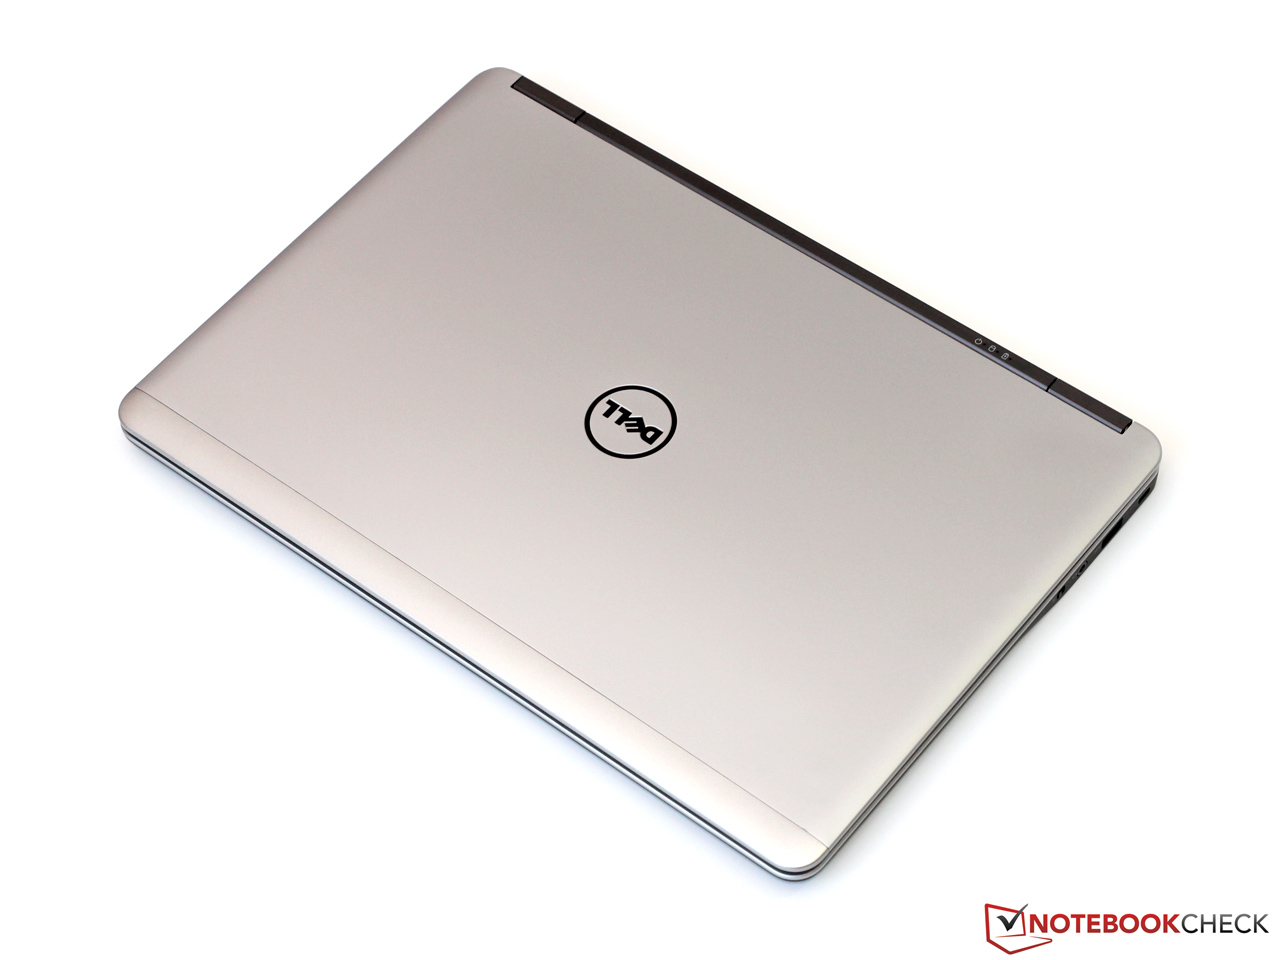 Refurb Dell Latitude E7440 core i5 4th gen 4gb Ram 500gb Hdd 14 1